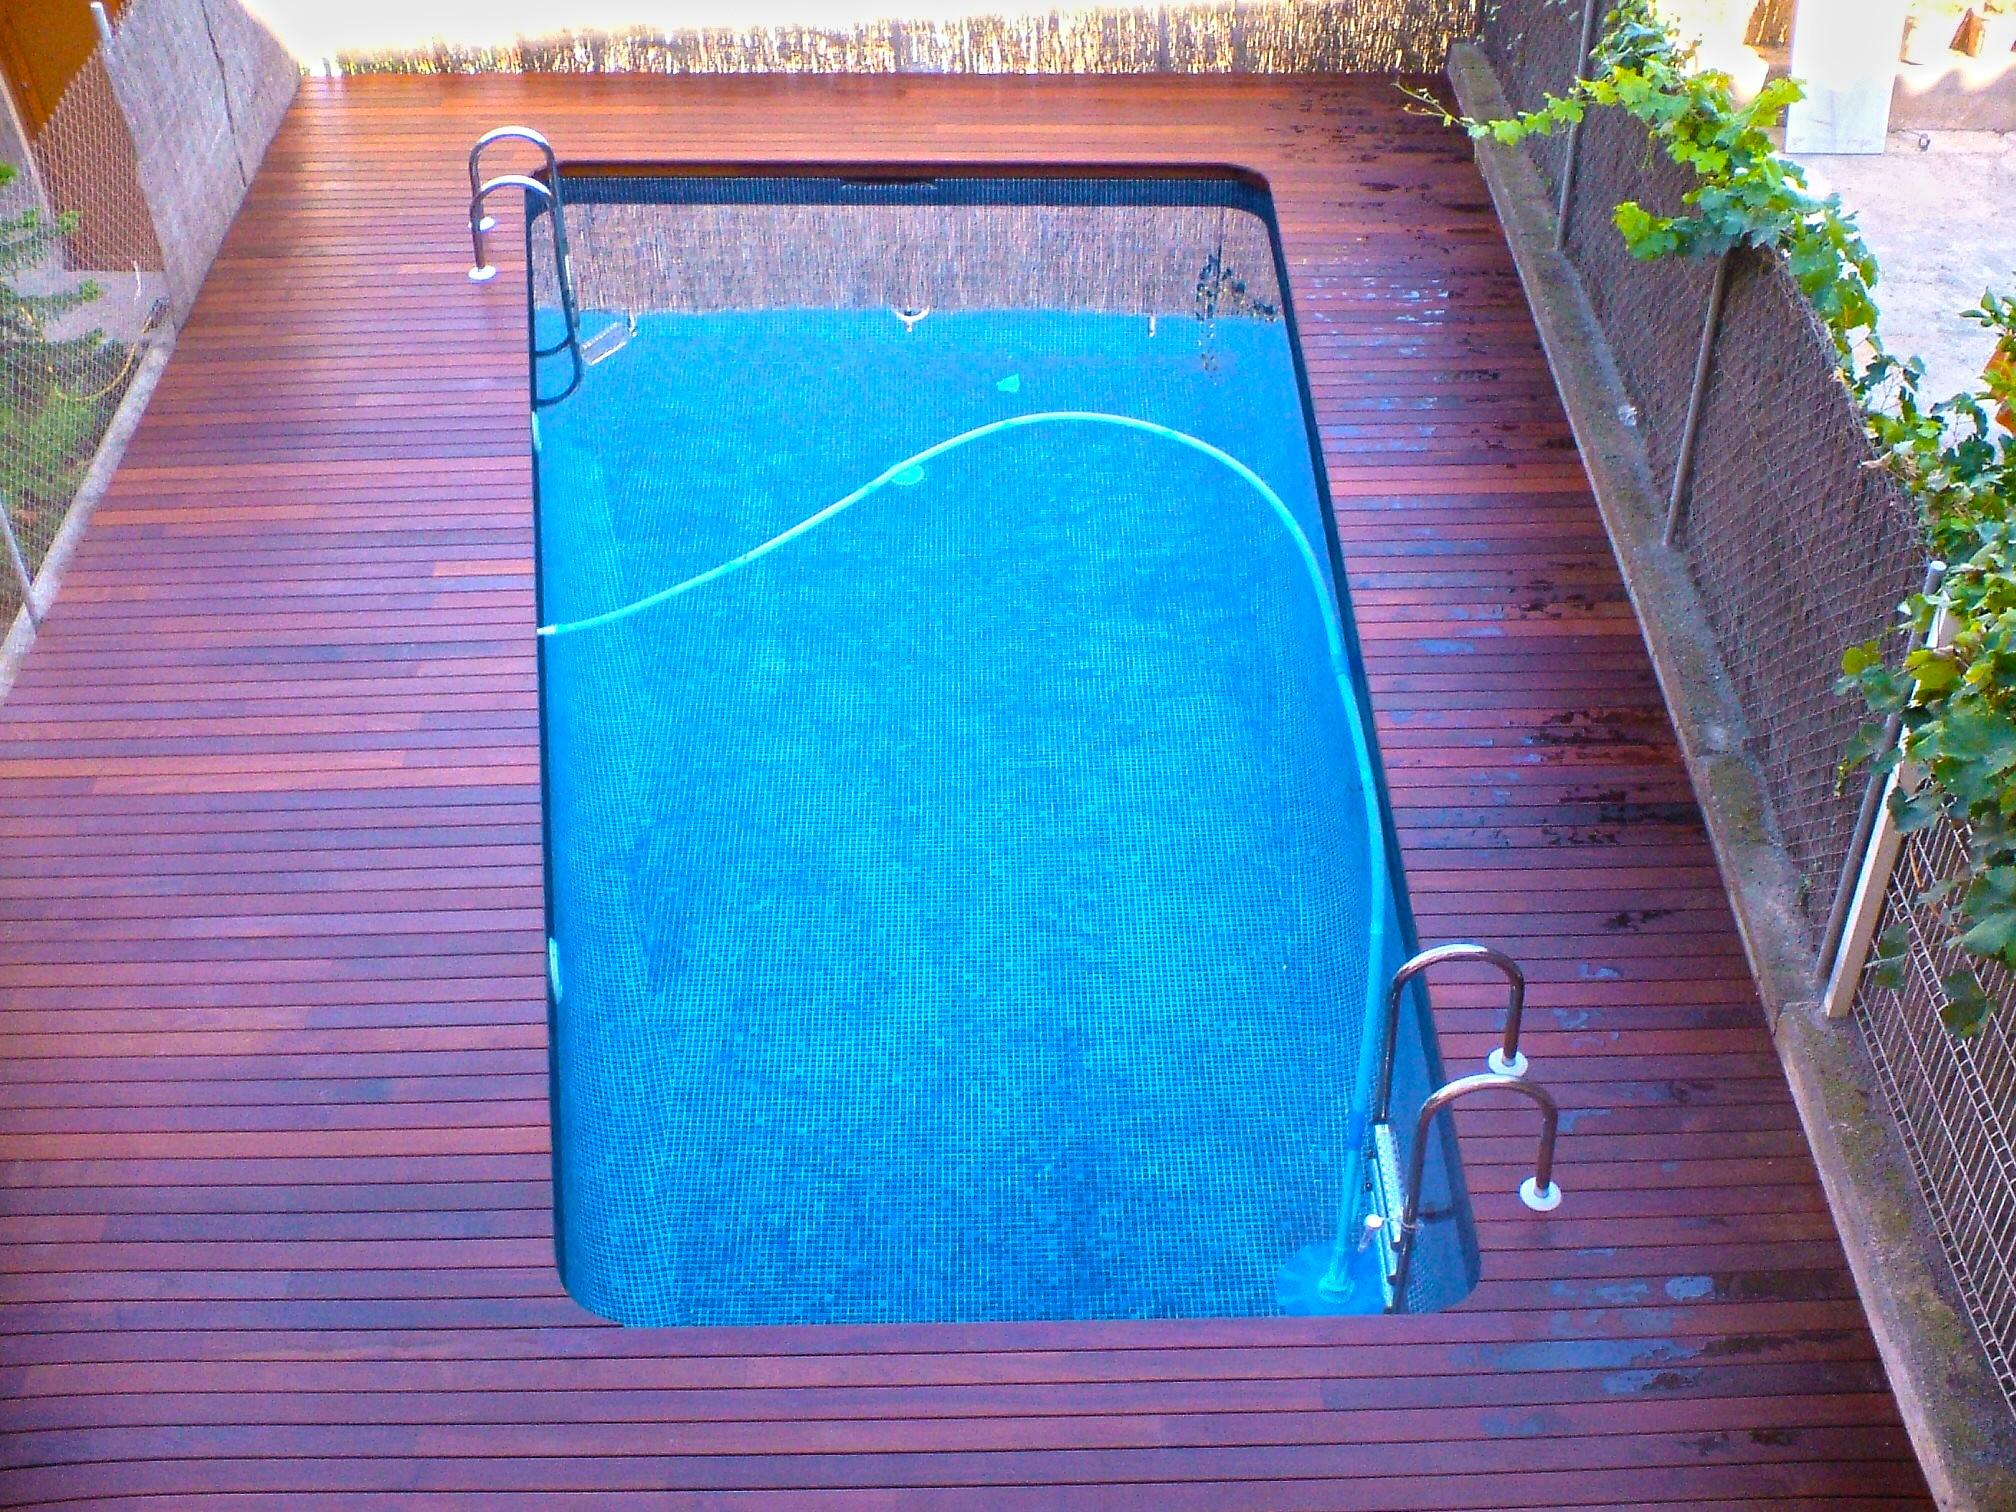 Piscinas obra precios trendy precio piscina de obra for Precios piscinas de obra ofertas